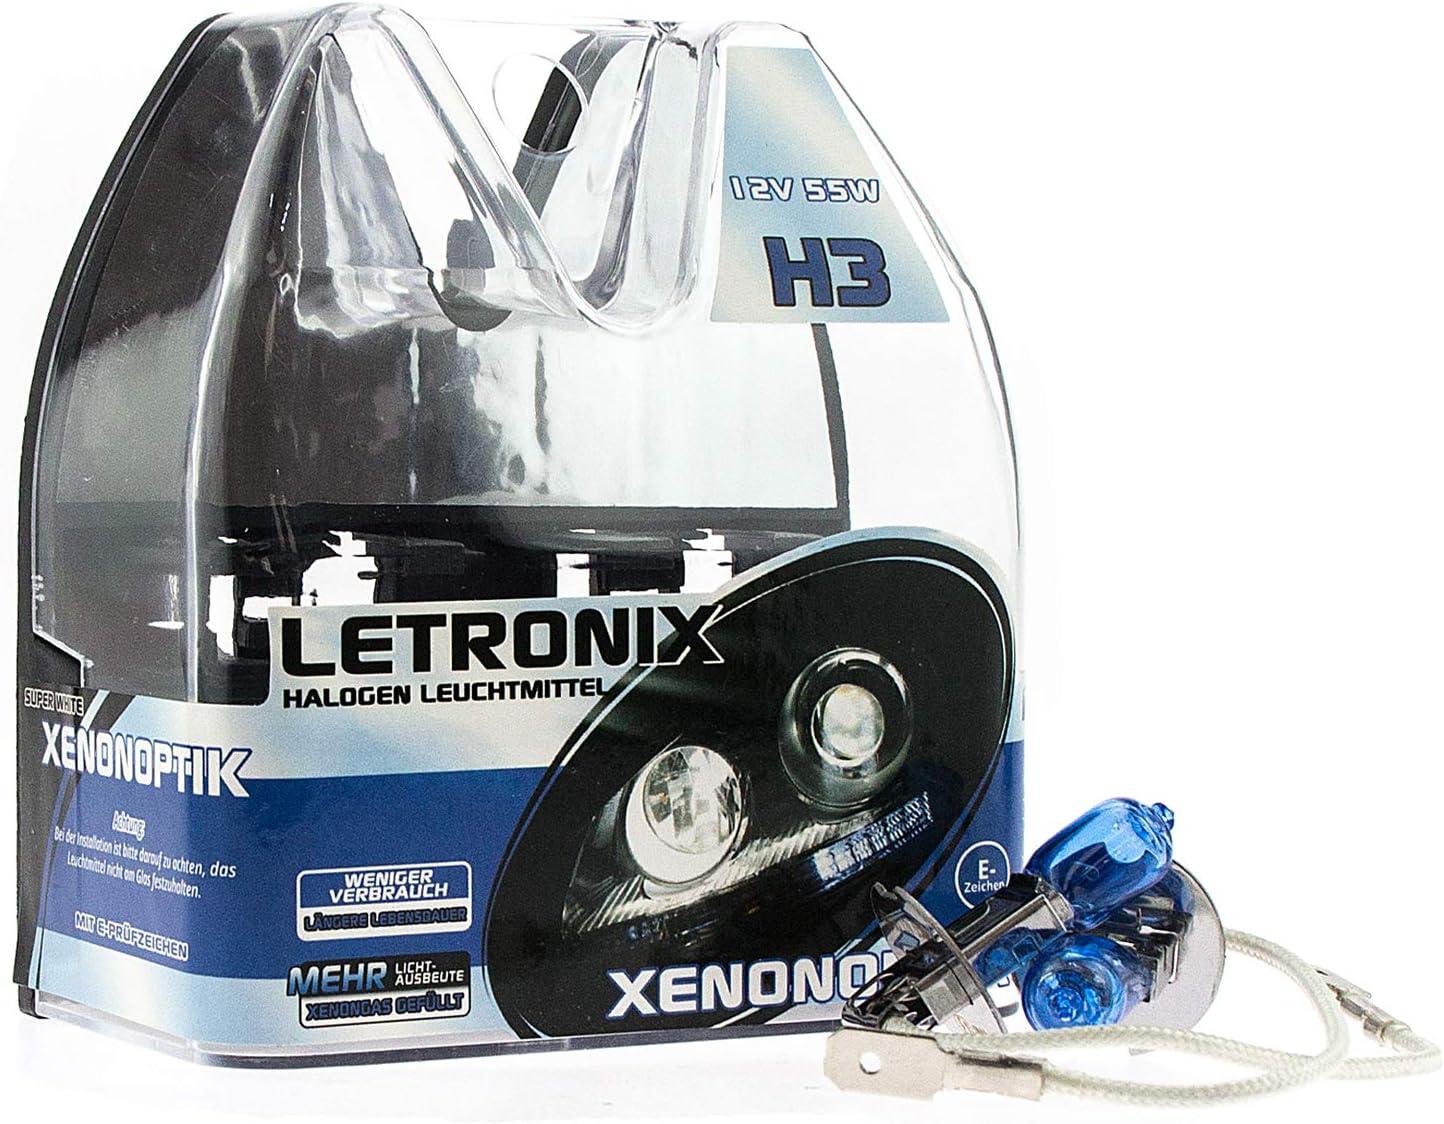 Letronix Halogen Auto Lampen H3 12v 8500k Kalt Weiß Xenon Optik Gas Ultra White Look Birnen Lampe Abblendlicht Nebelscheinwerfer Fernlicht Kurvenlicht Zulassung E Prüfzeichen Led Optik H3 55w Auto